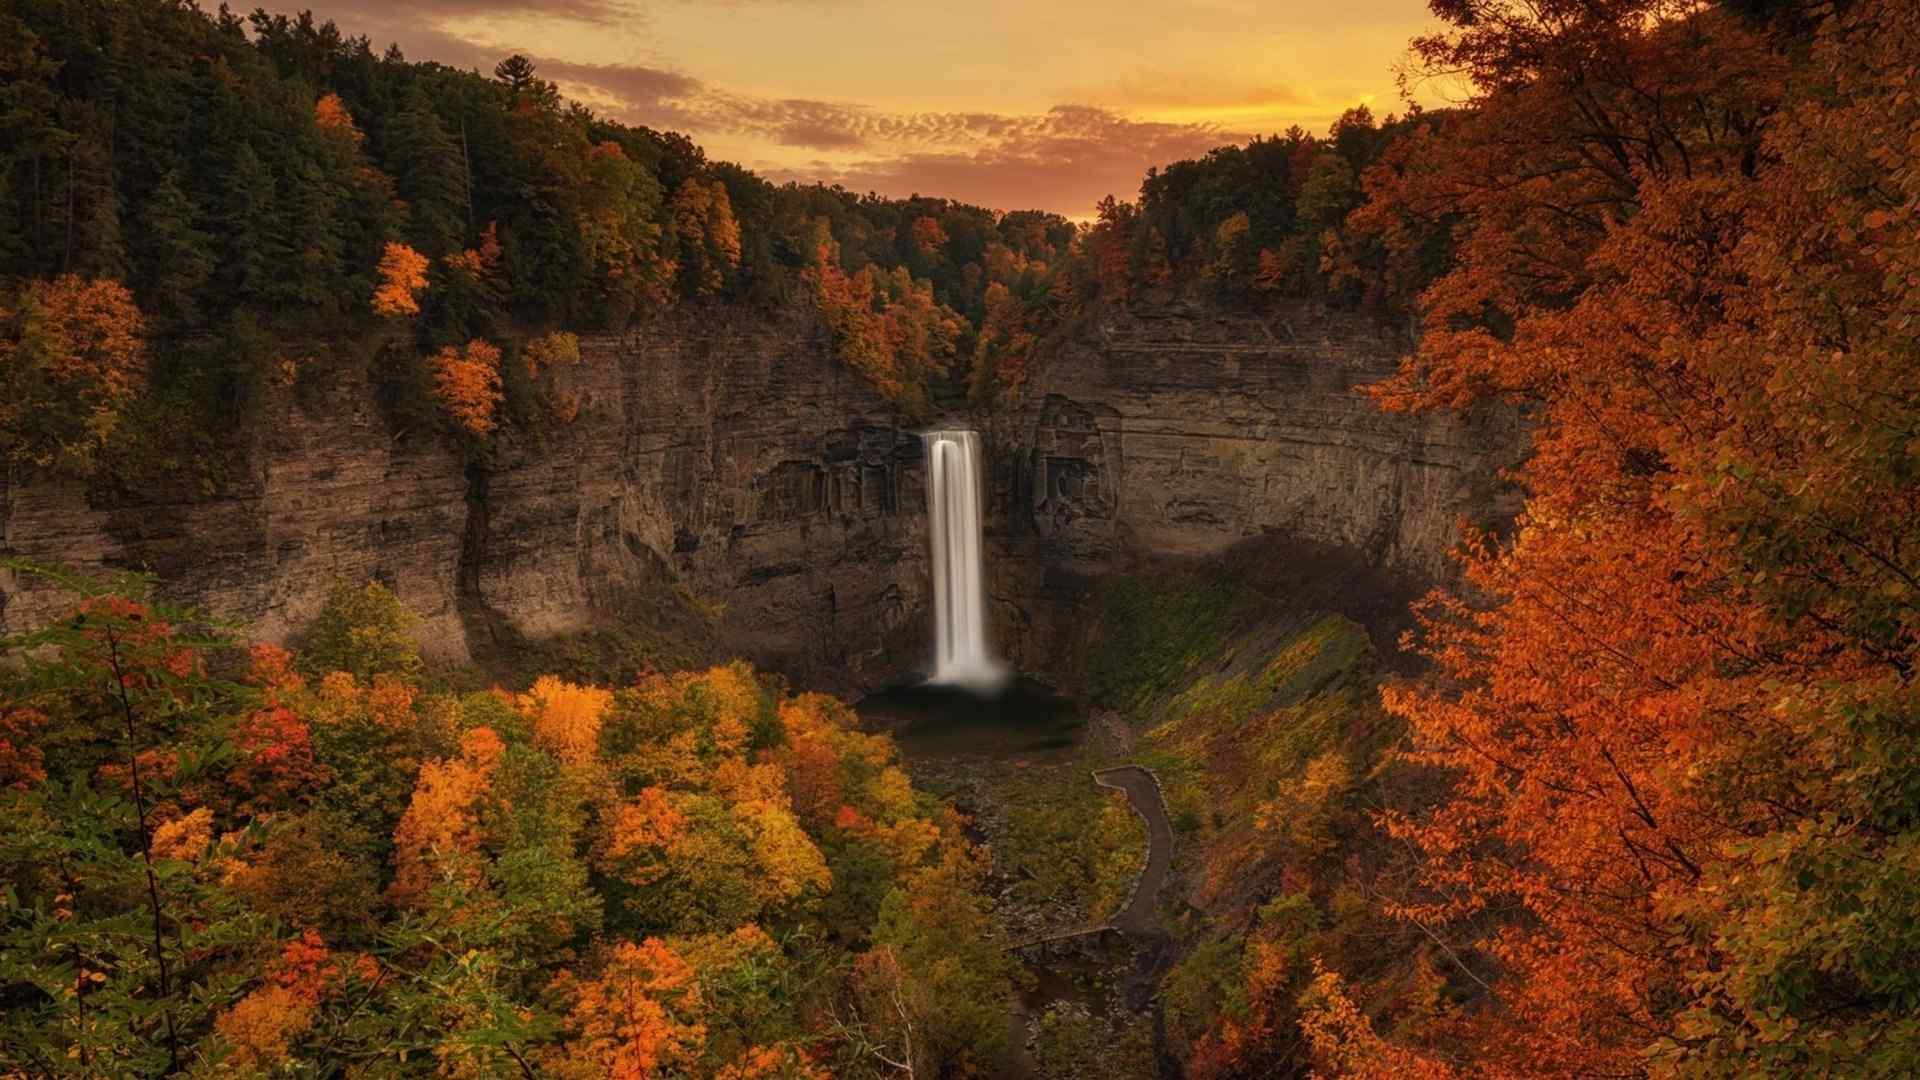 唯美风景瀑布图片高清桌面壁纸图片